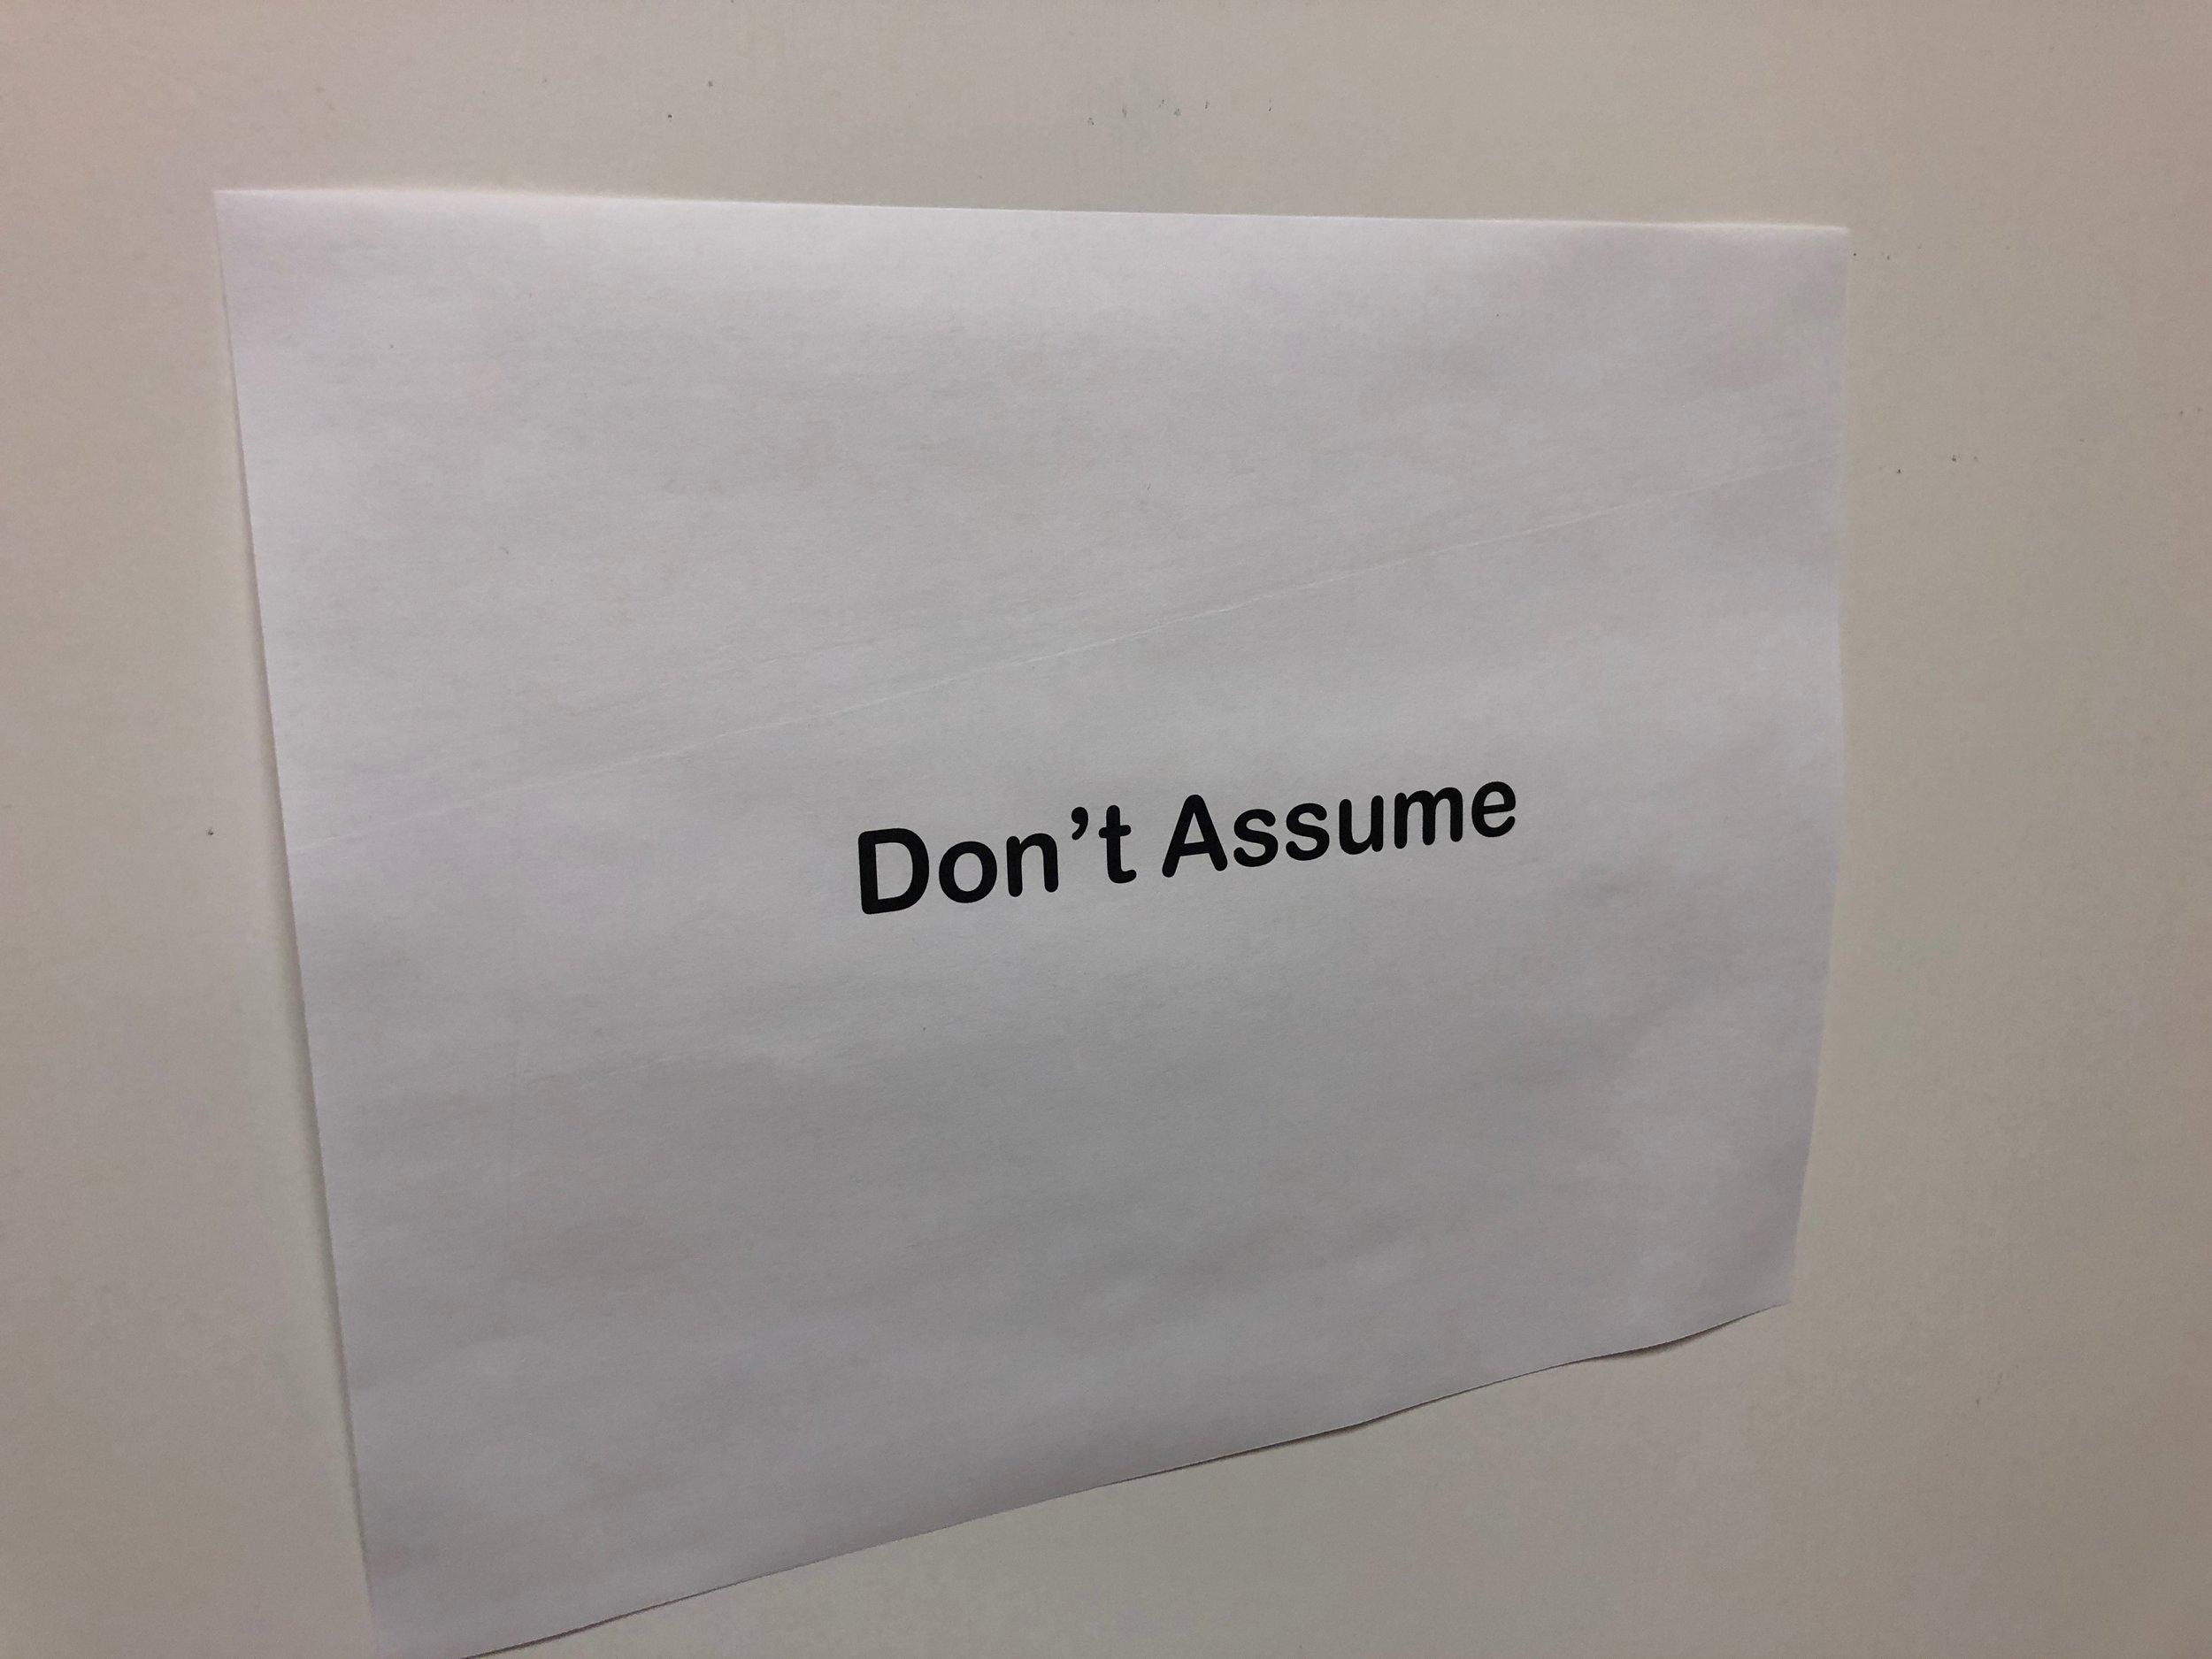 DontAssume - 1.jpg